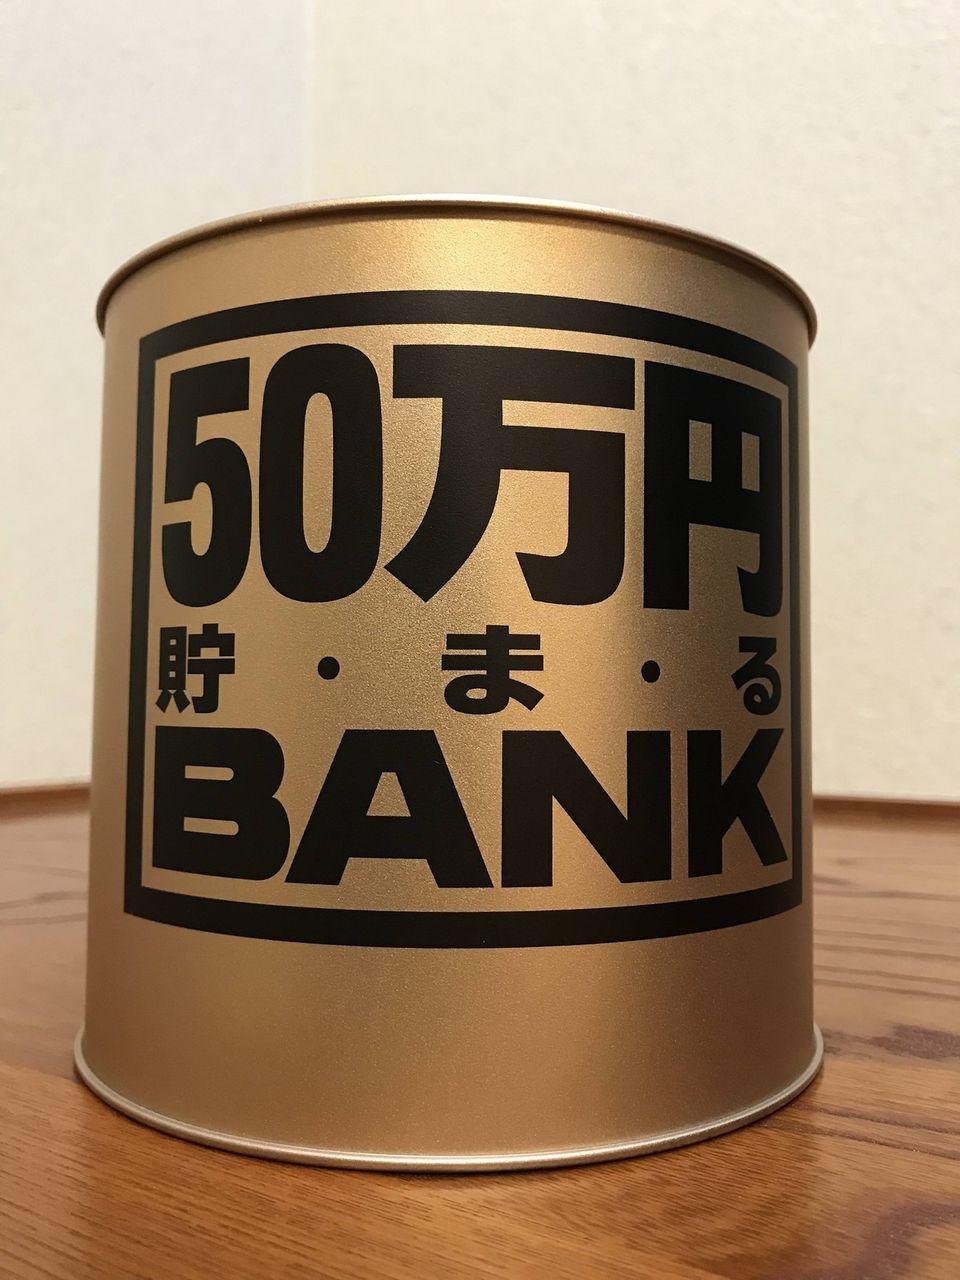 今から2年半貯めた500円玉貯金箱を開ける(画像あり)